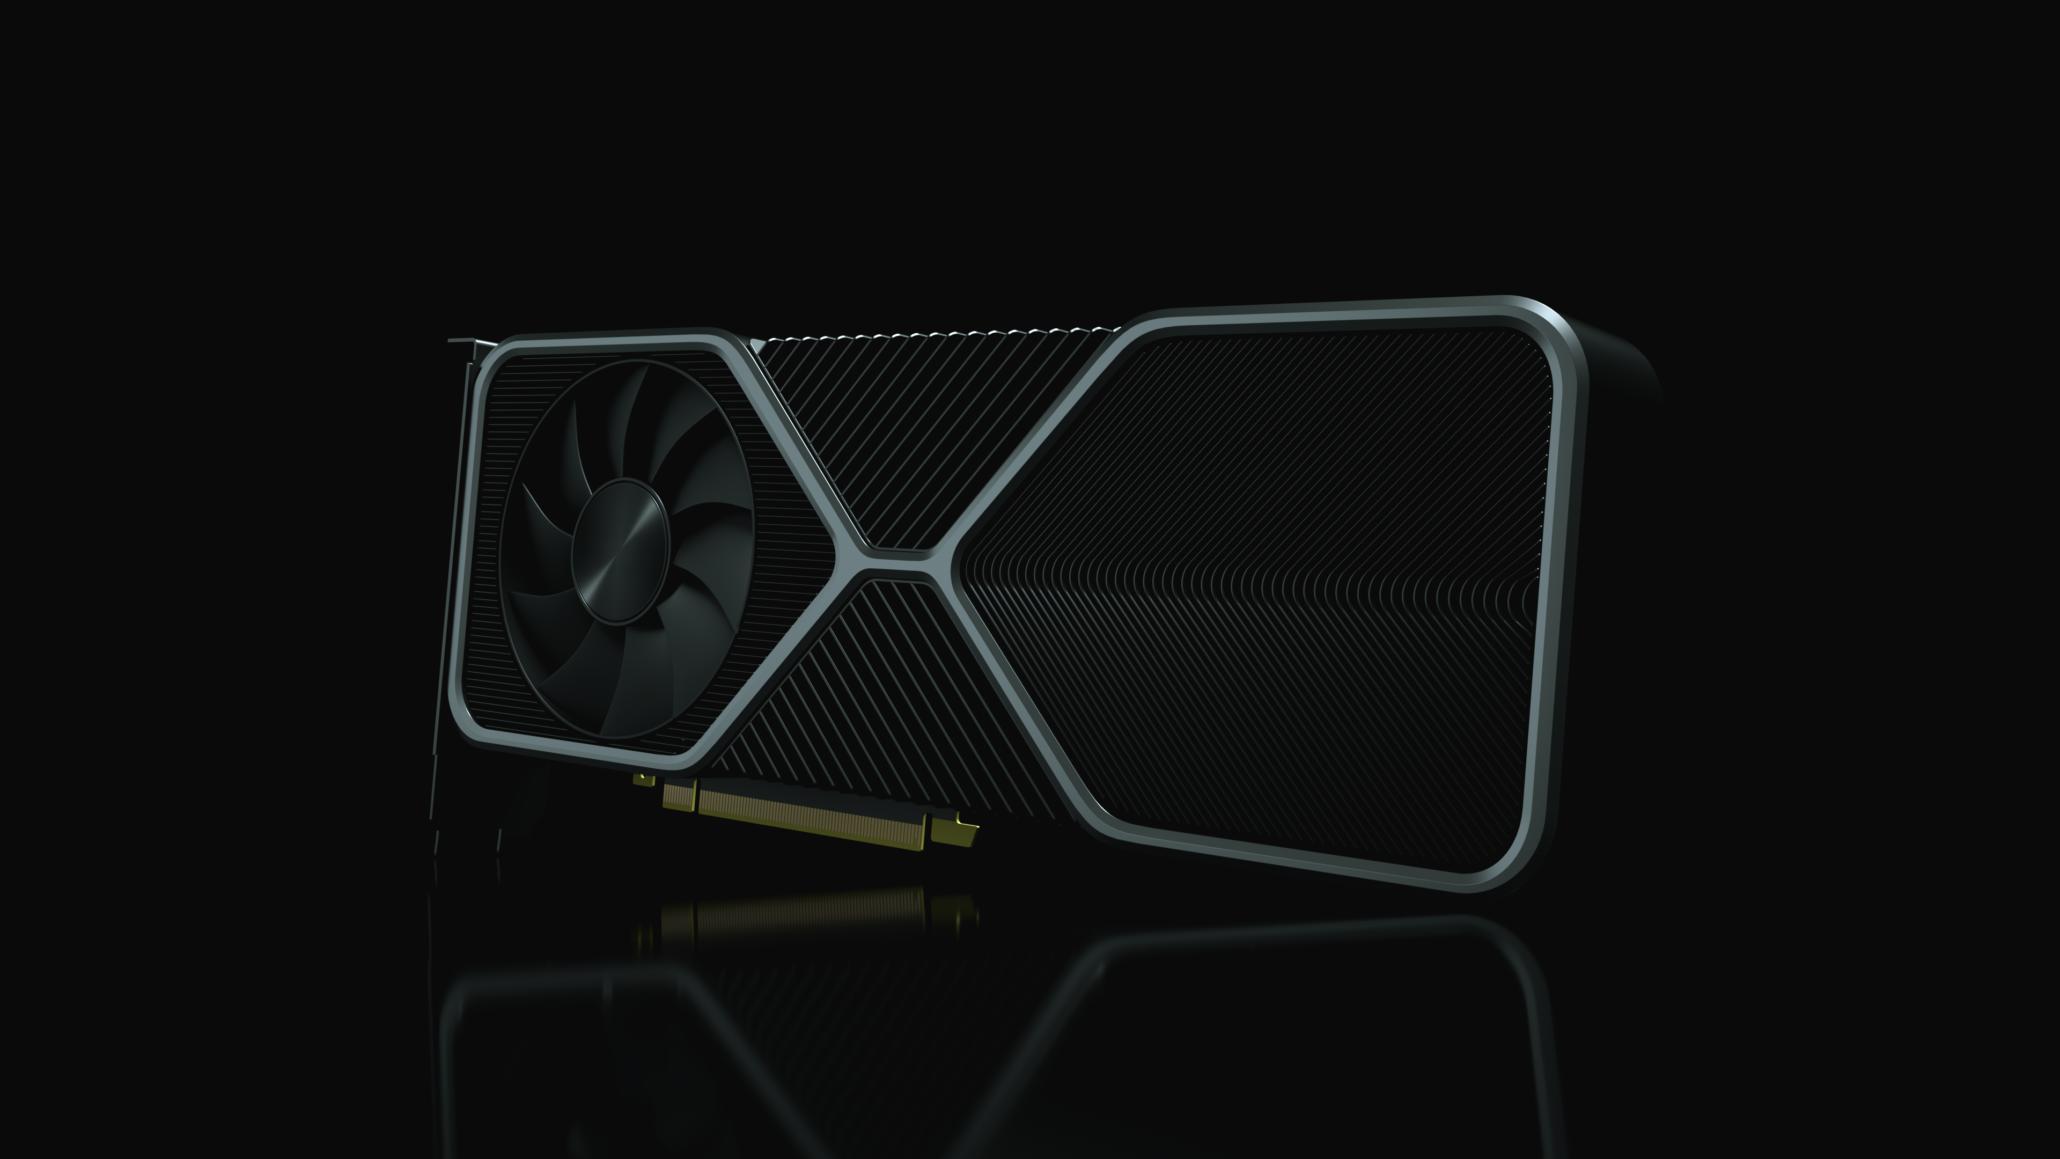 Seasonic представляет 12-контактный адаптер питания Micro-Fit 3.0 для видеокарт нового поколения NVIDIA RTX 30